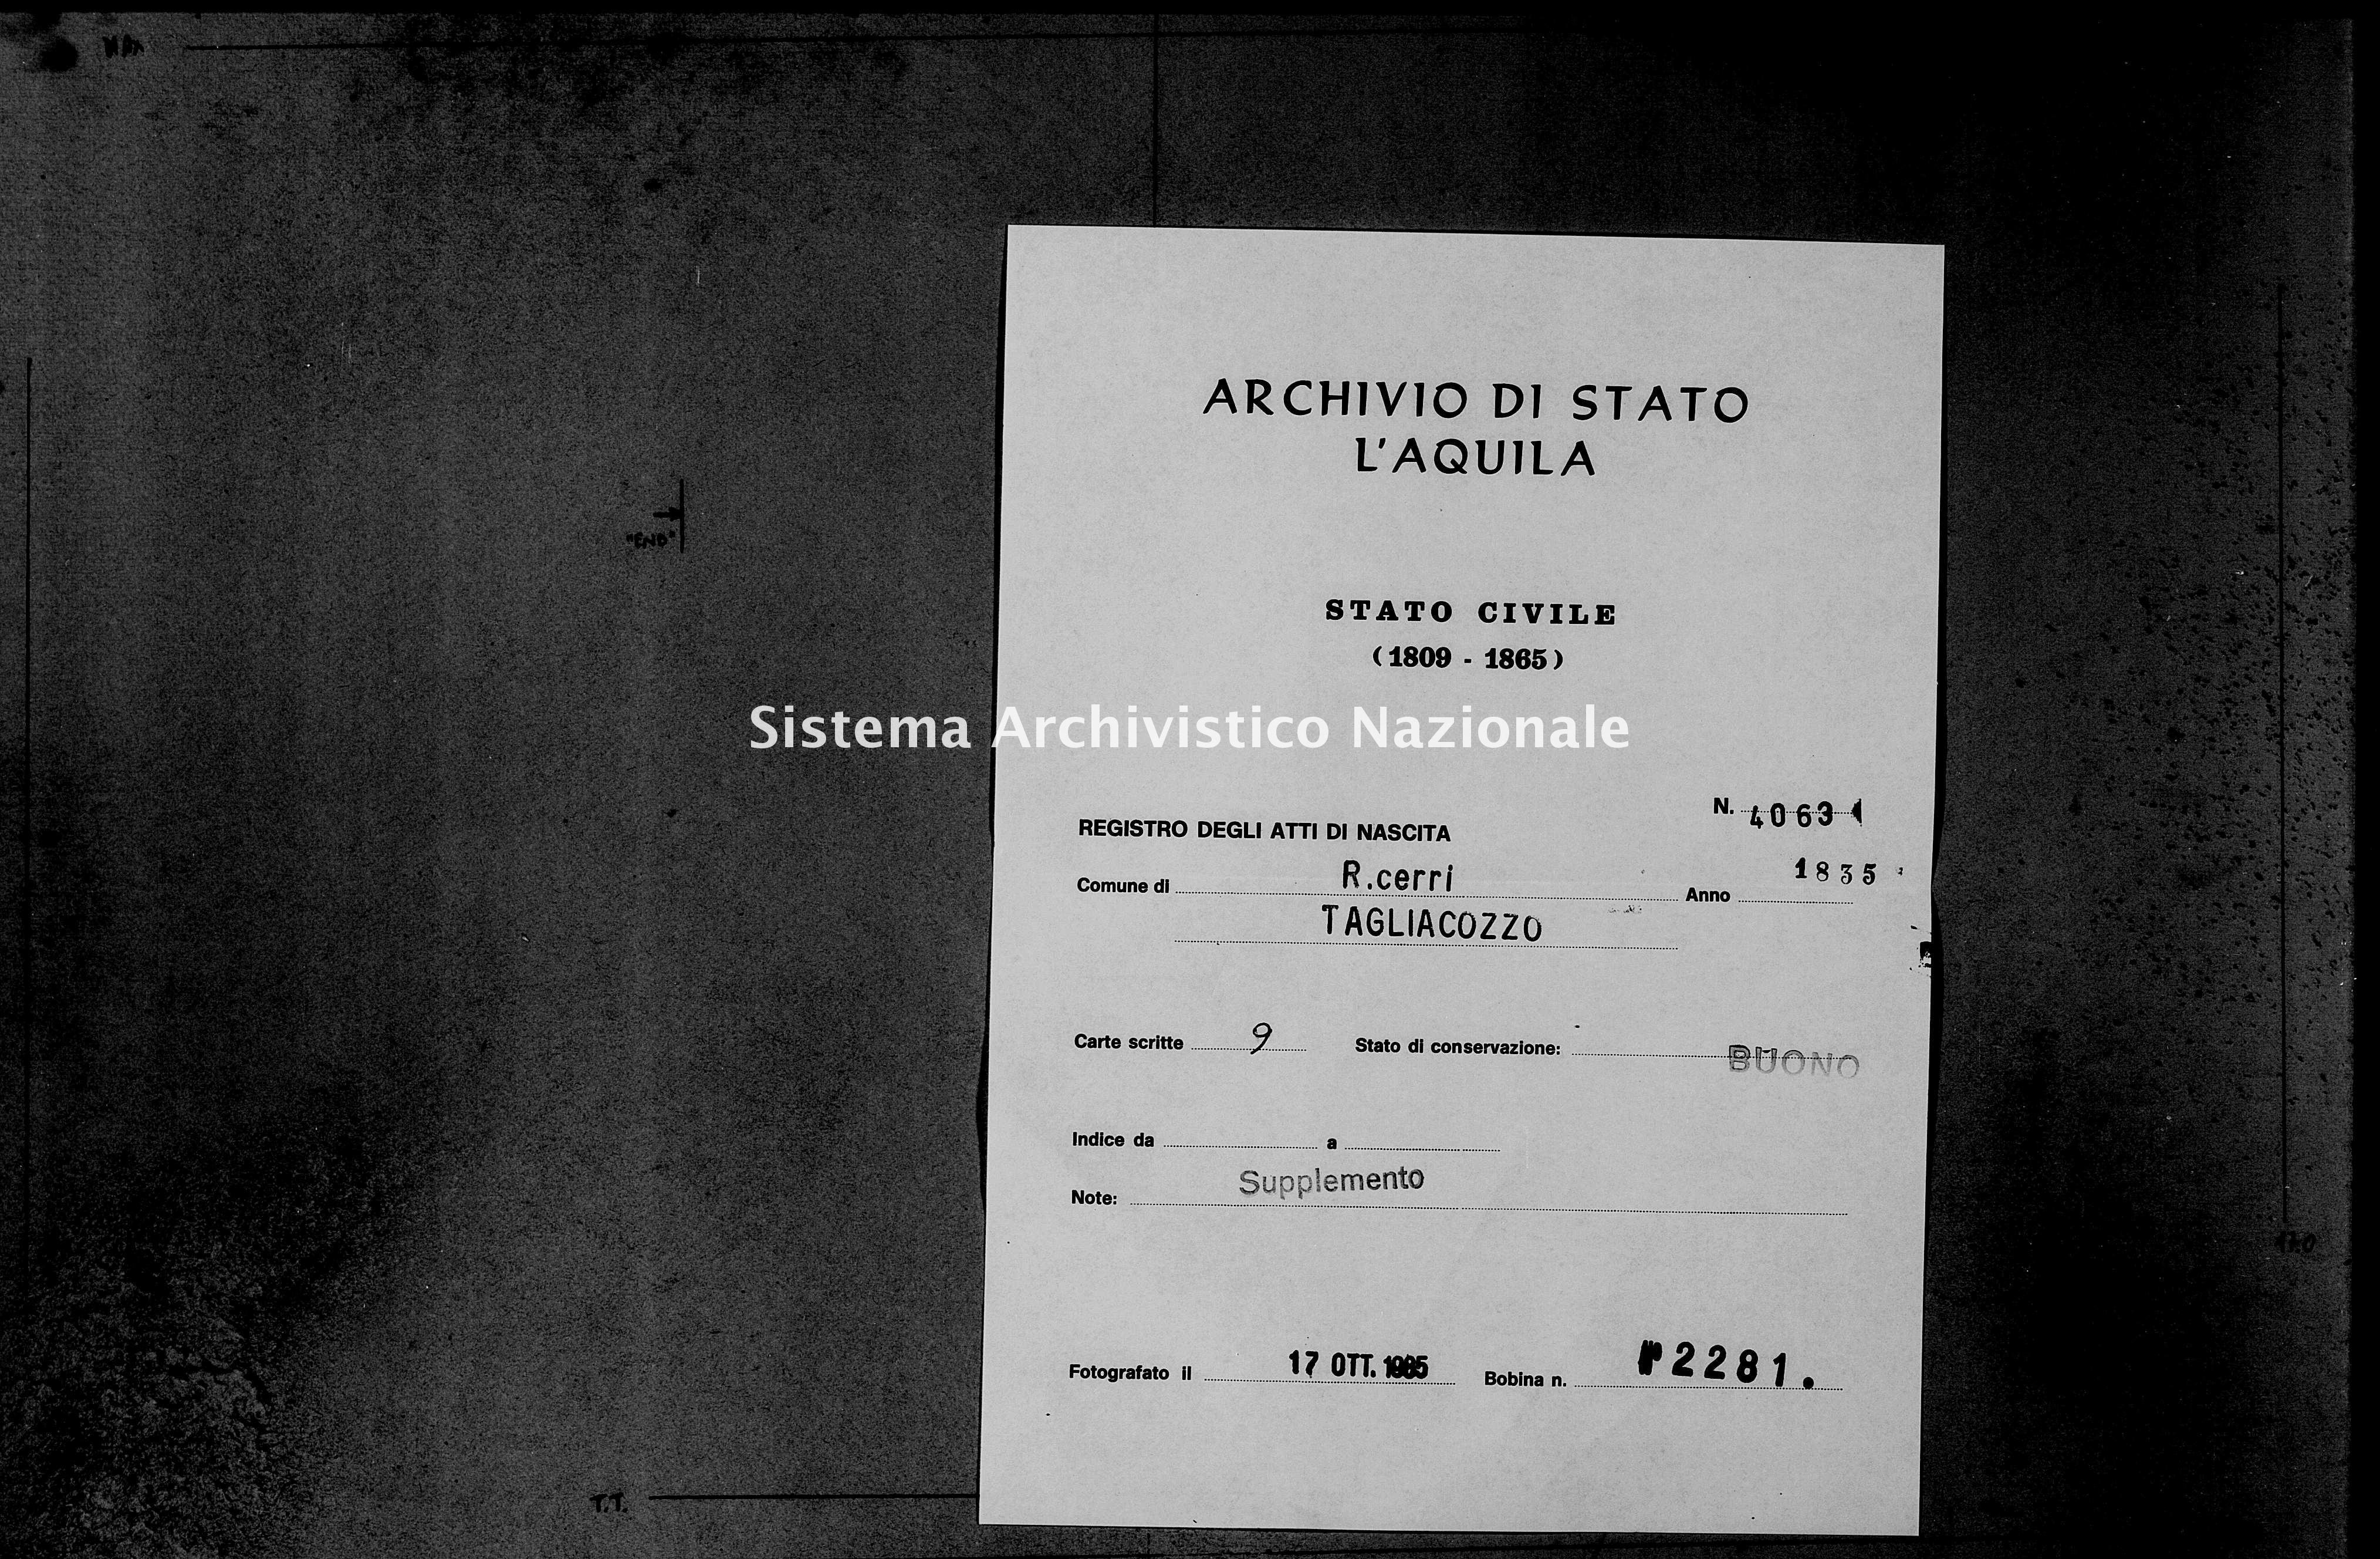 Archivio di stato di L'aquila - Stato civile della restaurazione - Roccacerro - Nati, battesimi - 1835 - 4063 -